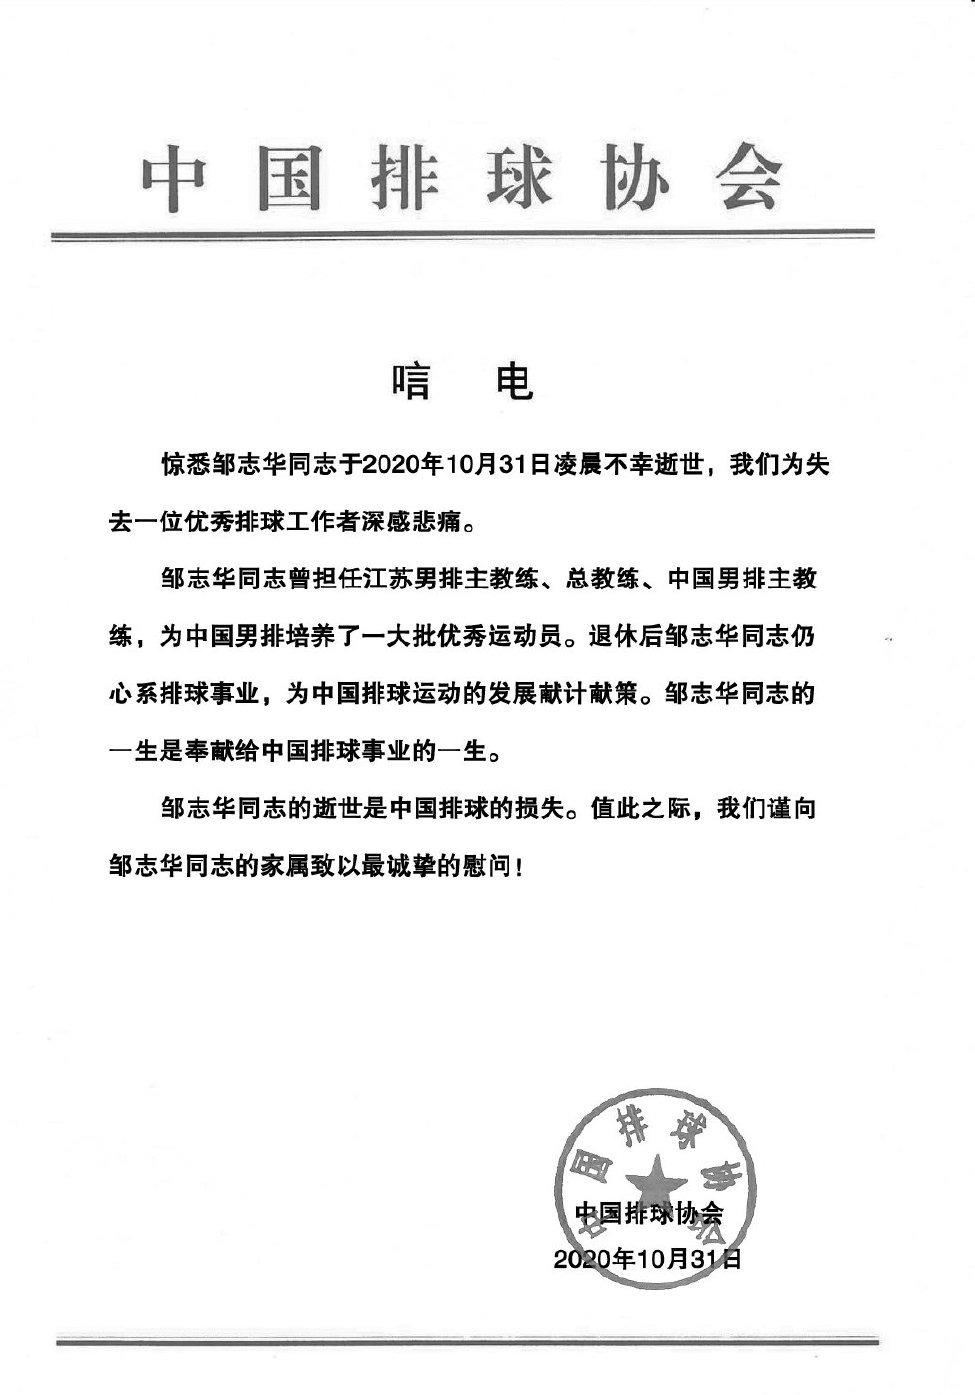 前中国男排主帅邹志华去世 中国排球协会沉痛悼念